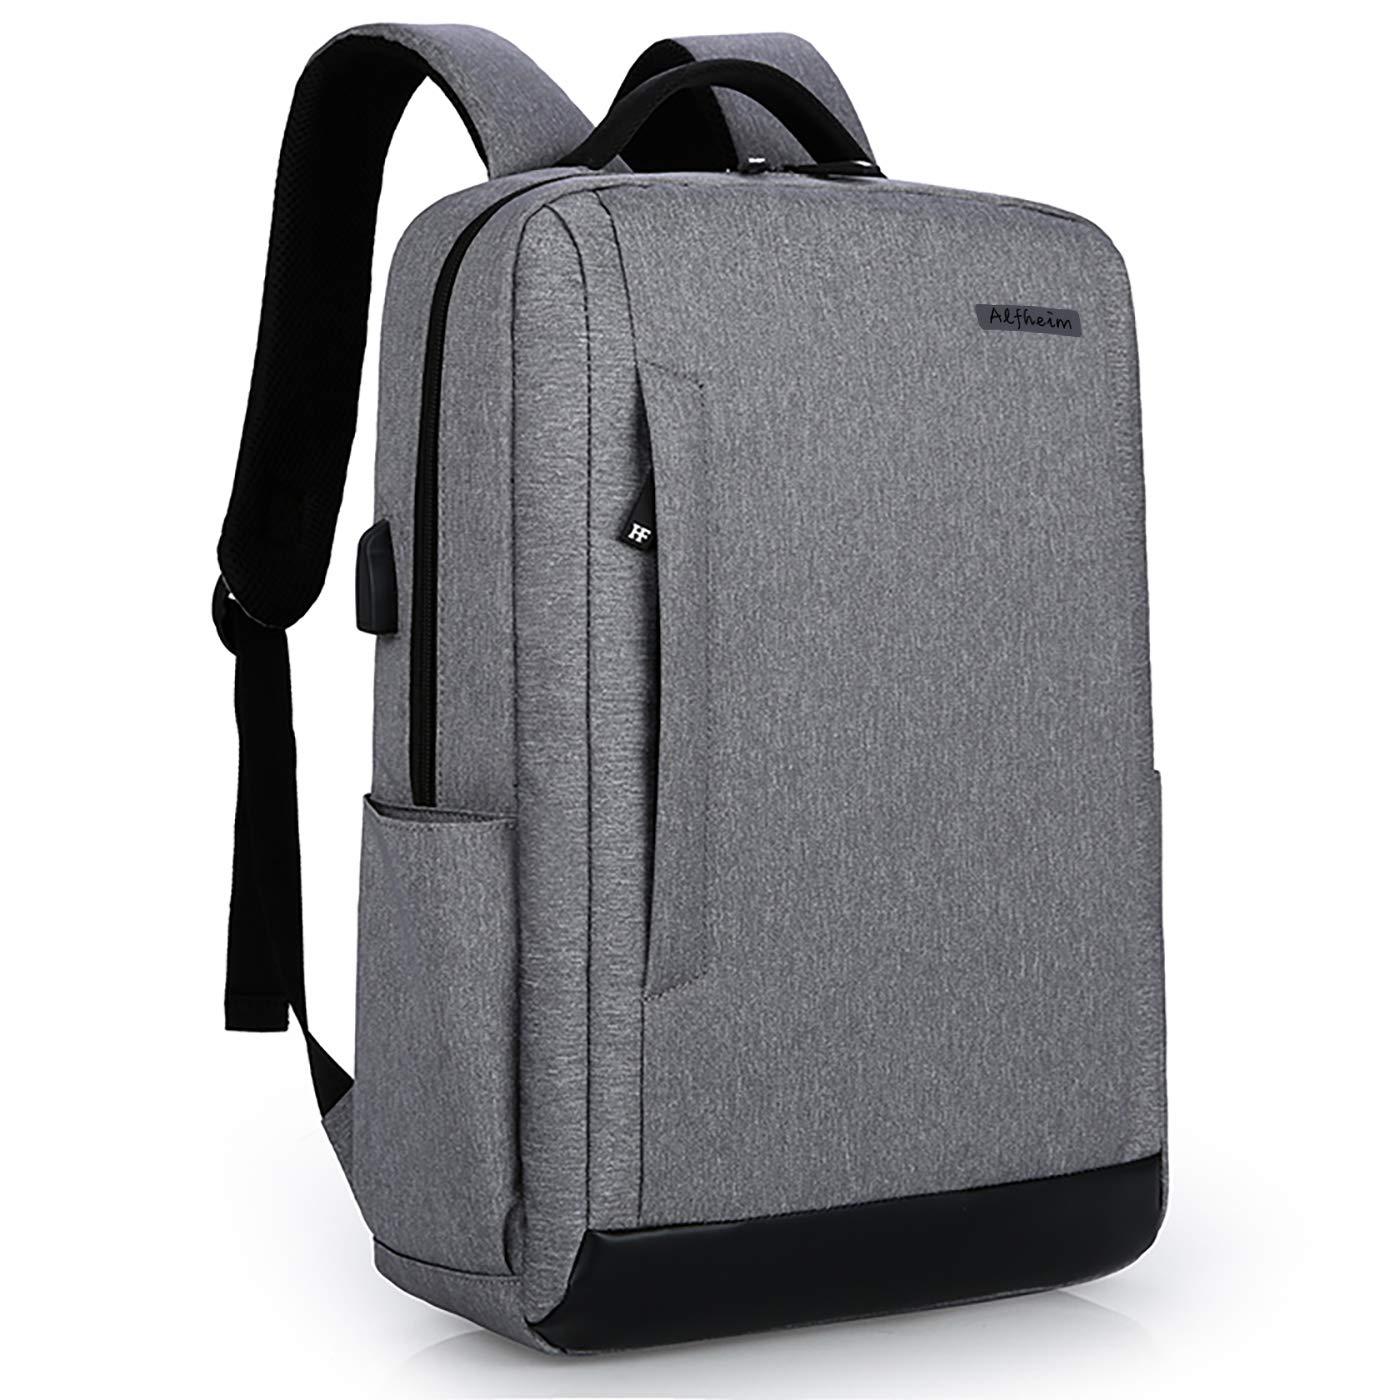 男性の女性のためのAlfheimラップトップバックパックは、学校作業用のUSBポートボトルホルダー付き15インチラップトップ、防水&多目的&軽量&アンチシーフノートブックバッグにフィット(垂直ジッパー、グレー) B07K69LPHR